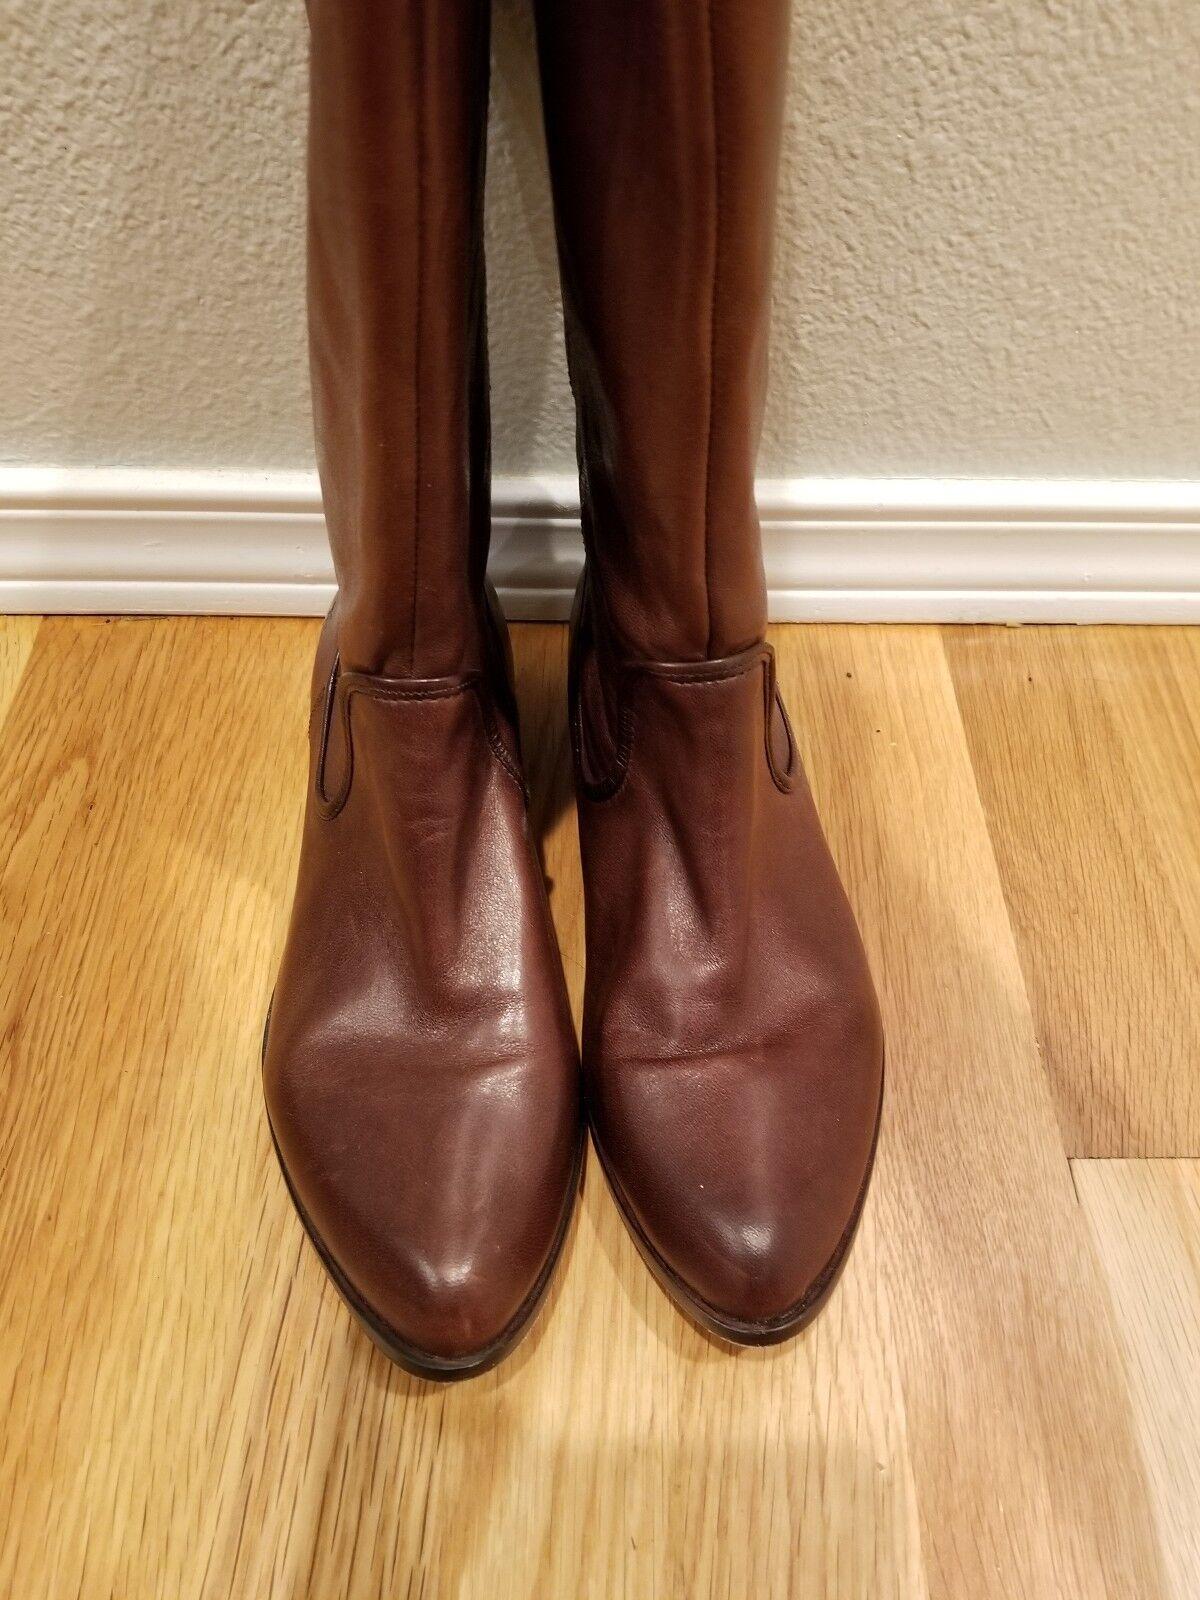 Frye Cindy Slouch Marrón Cuero Suave botas altas para mujer 7.5; Excelente Estado